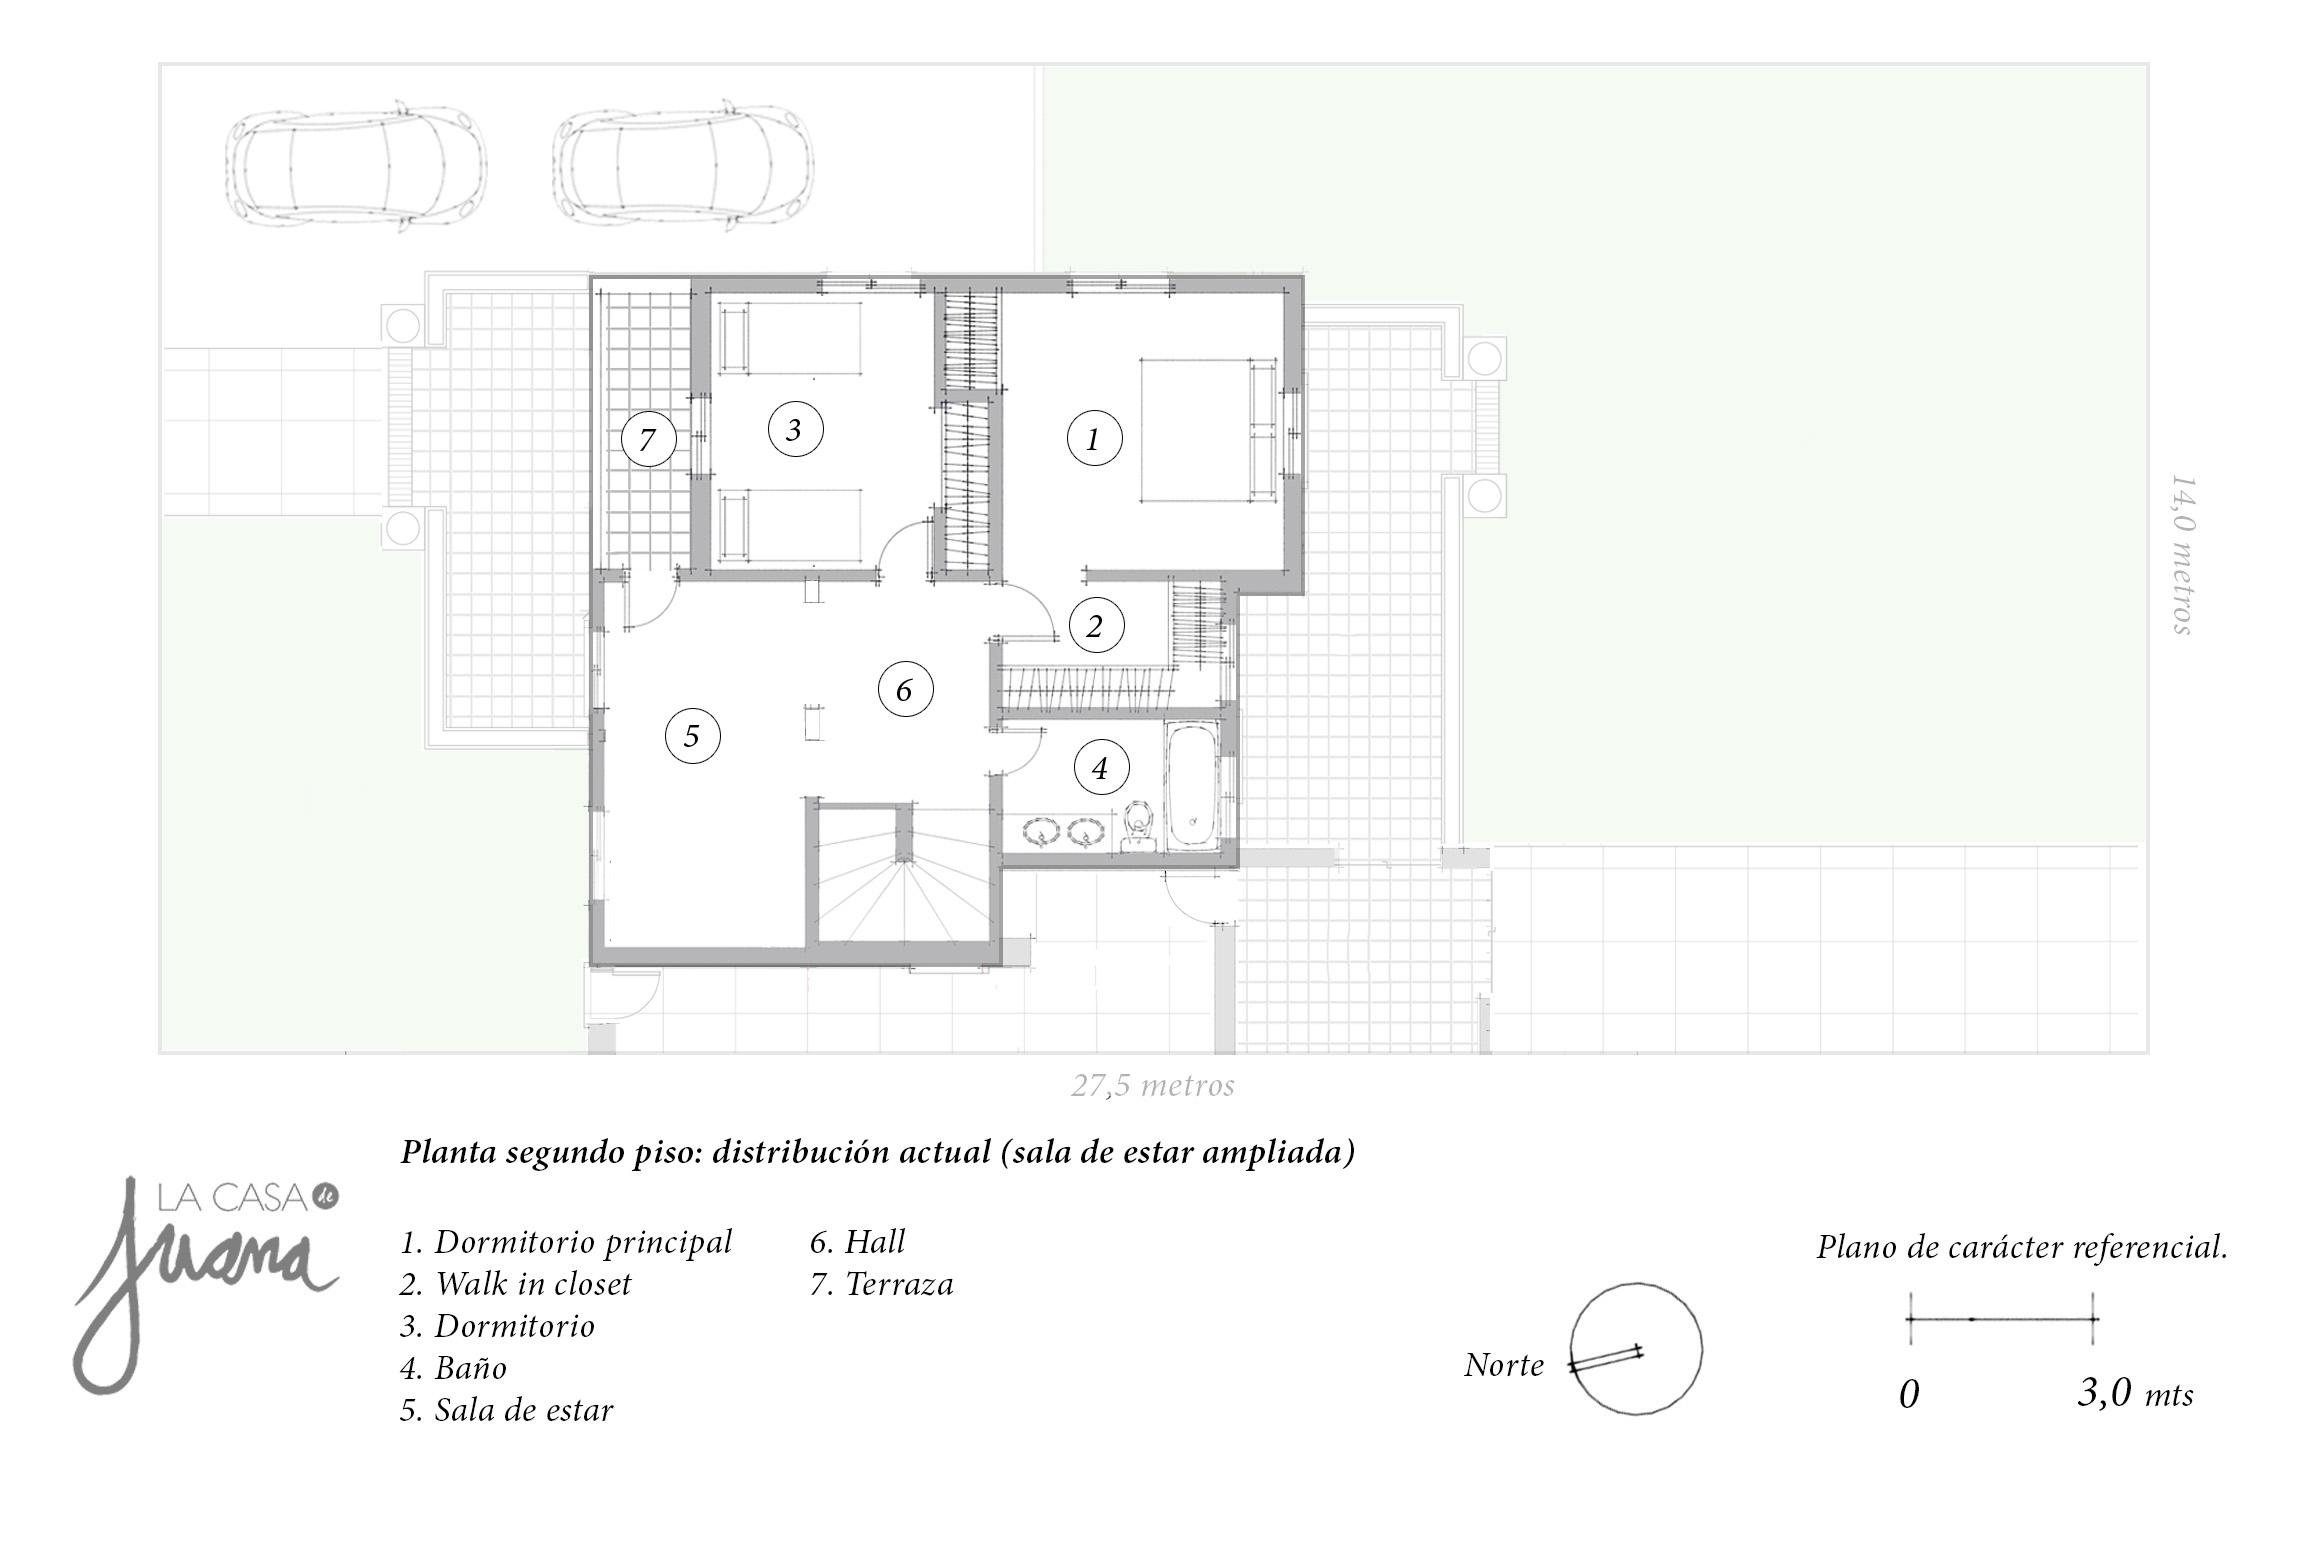 Segundo piso_actual